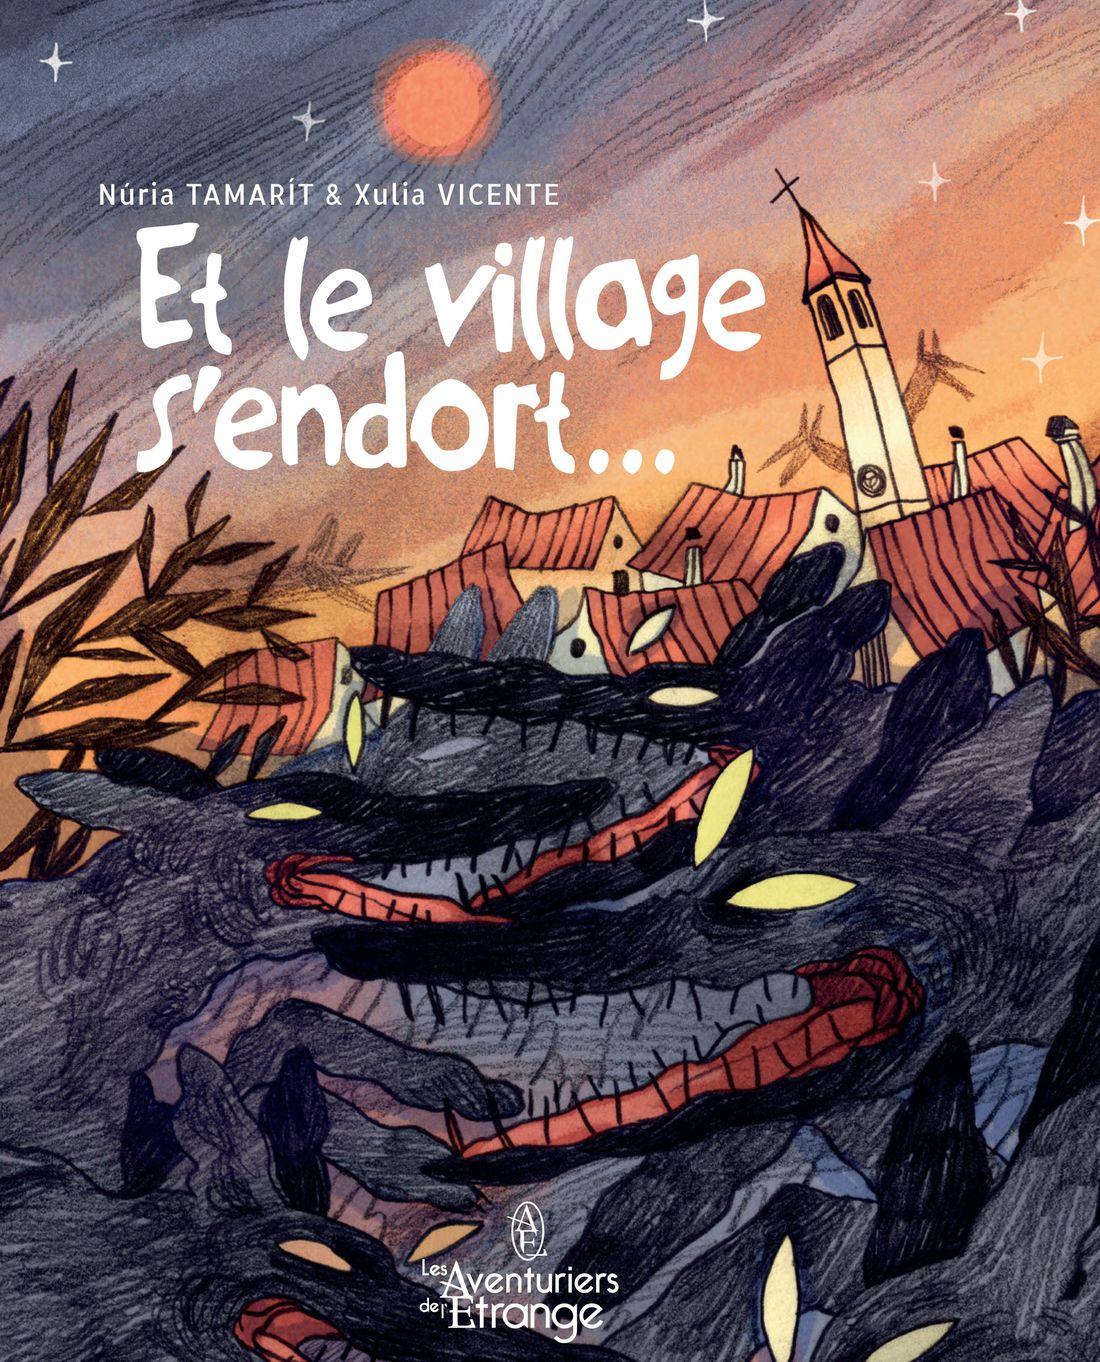 et le village s'endort, la couverture de l'album © Les Aventuriers de l'Etrange / Tamarít / Vicente